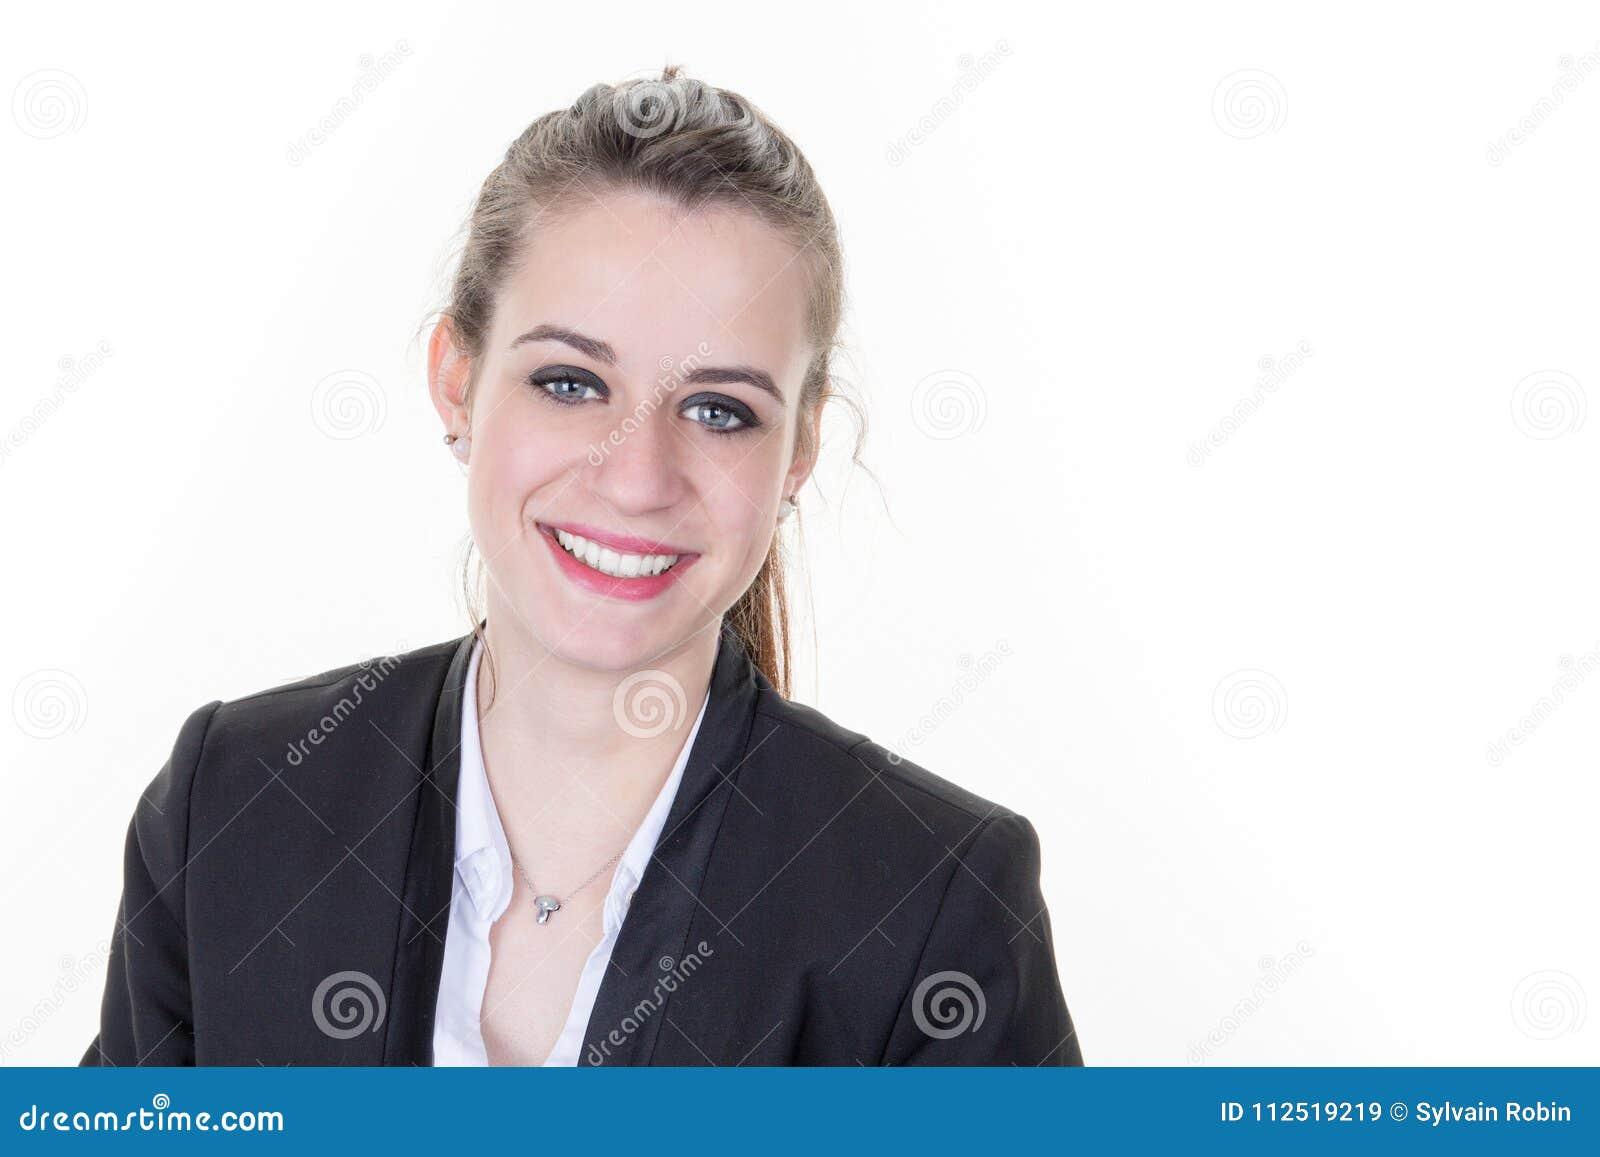 Έξυπνο ευφυές περιστασιακό πορτρέτο επιχειρησιακών προσώπων με το ειλικρινές χαμόγελο